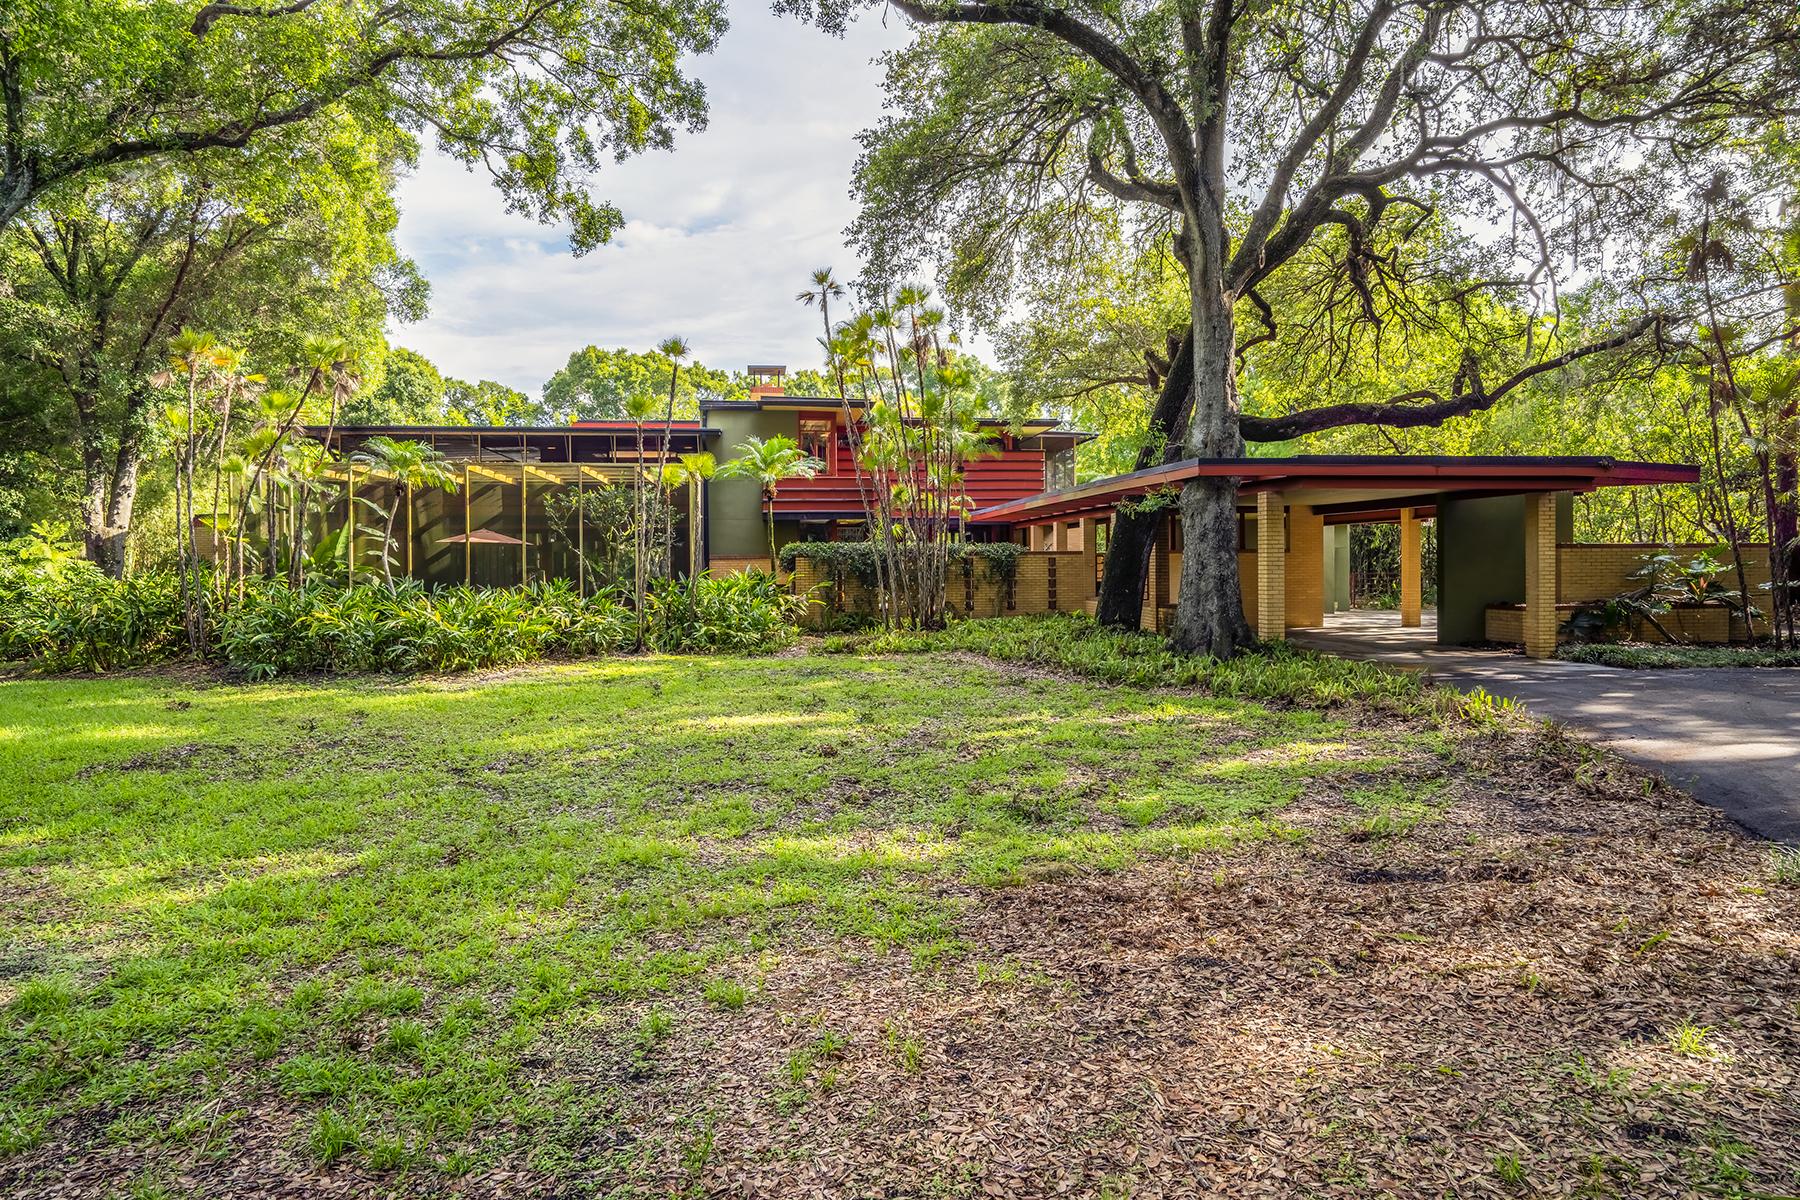 Maison unifamiliale pour l Vente à SUNNYBROOK FARMS 1622 Sunnybrook Ln Clearwater, Florida, 33764 États-Unis